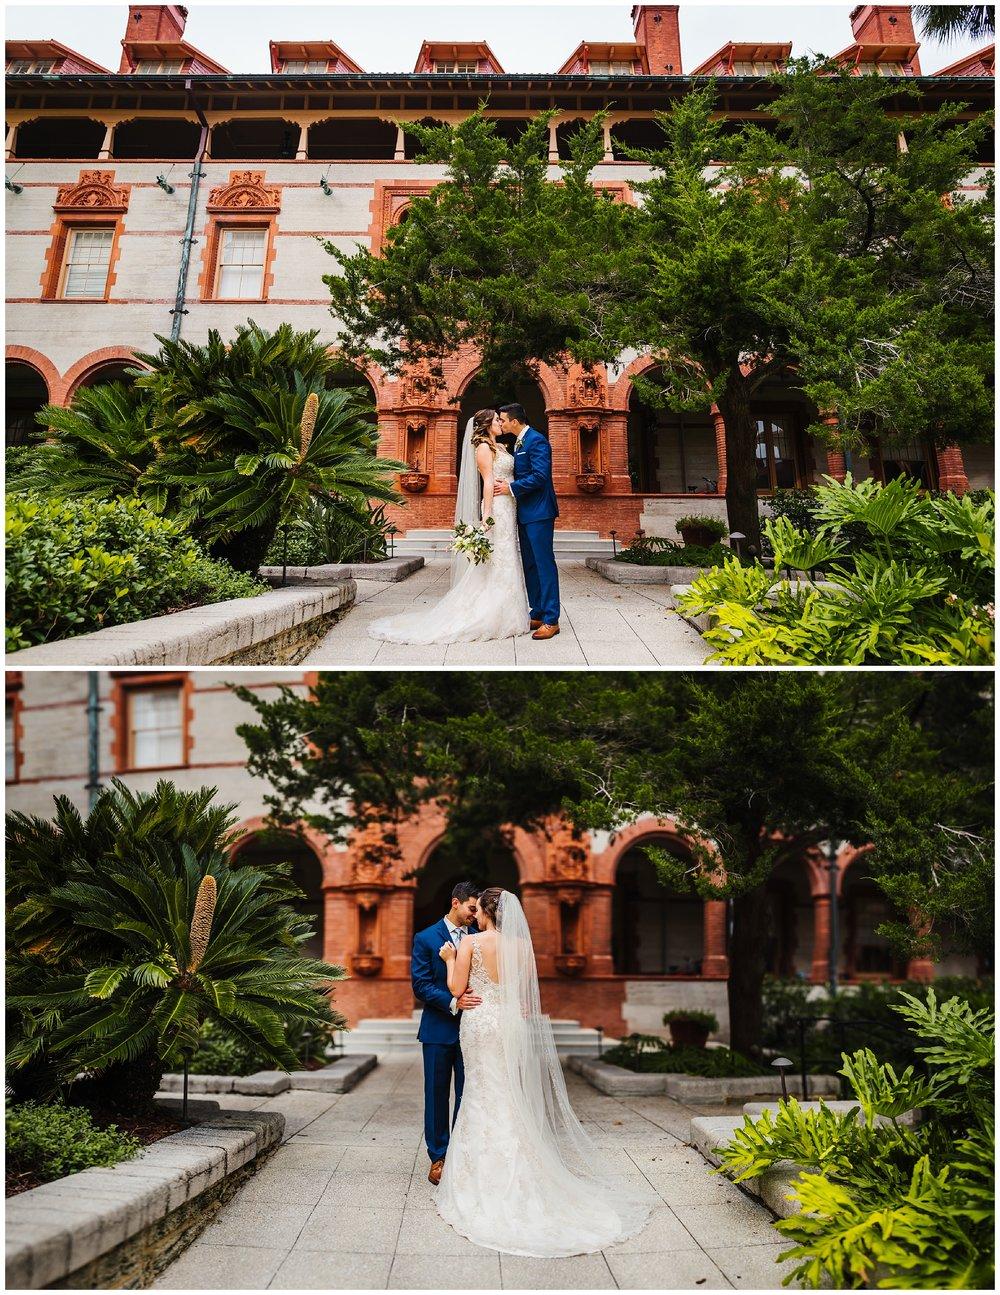 st-augustine-destination-wedding-photographer-white-room-villa-blanca-flagler-first-look_0028.jpg